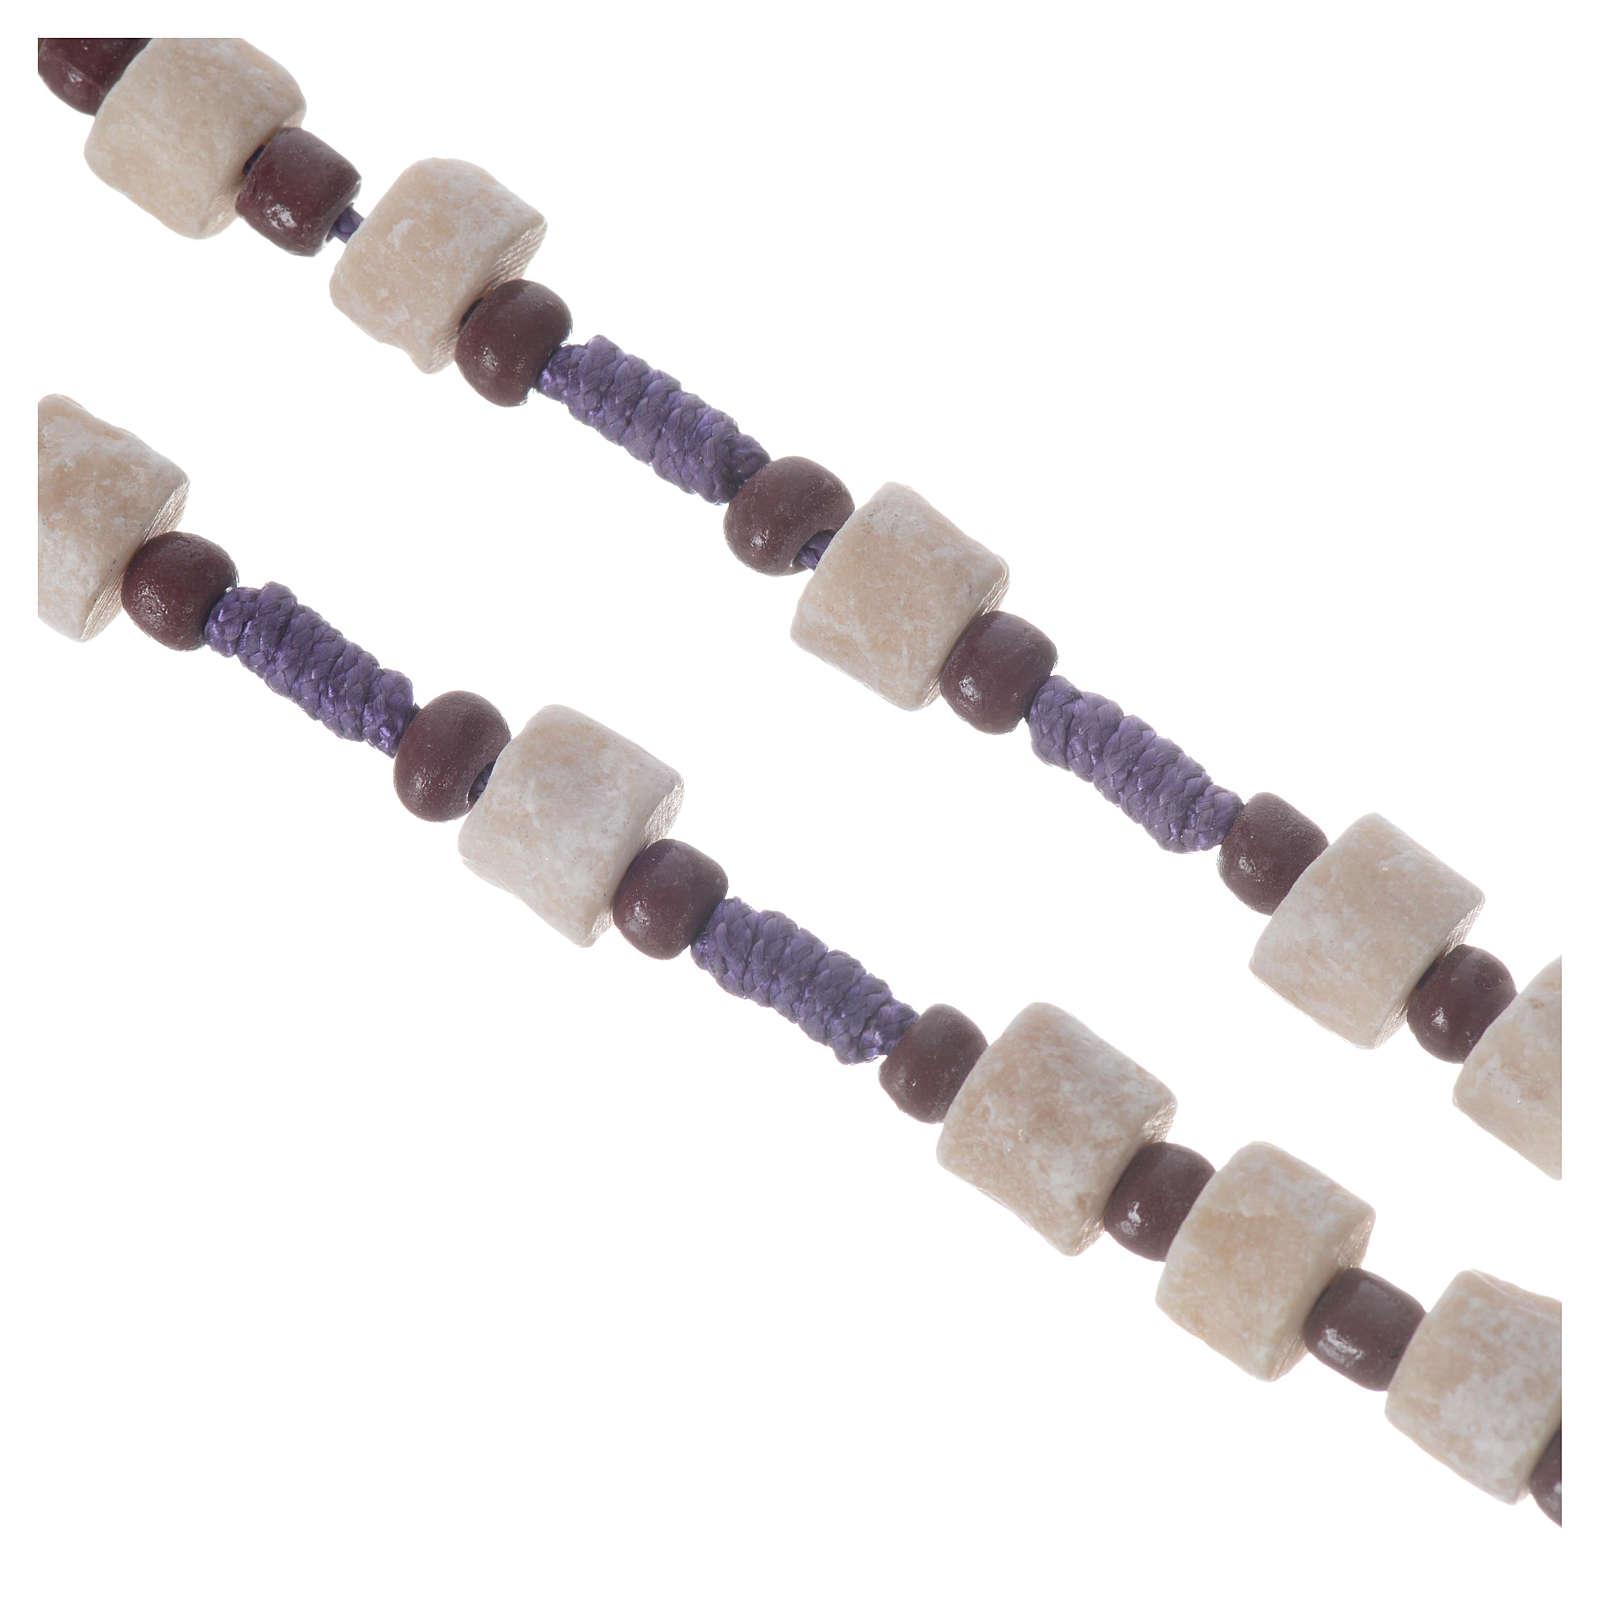 Chapelet Medjugorje pierre blanche corde violet 4